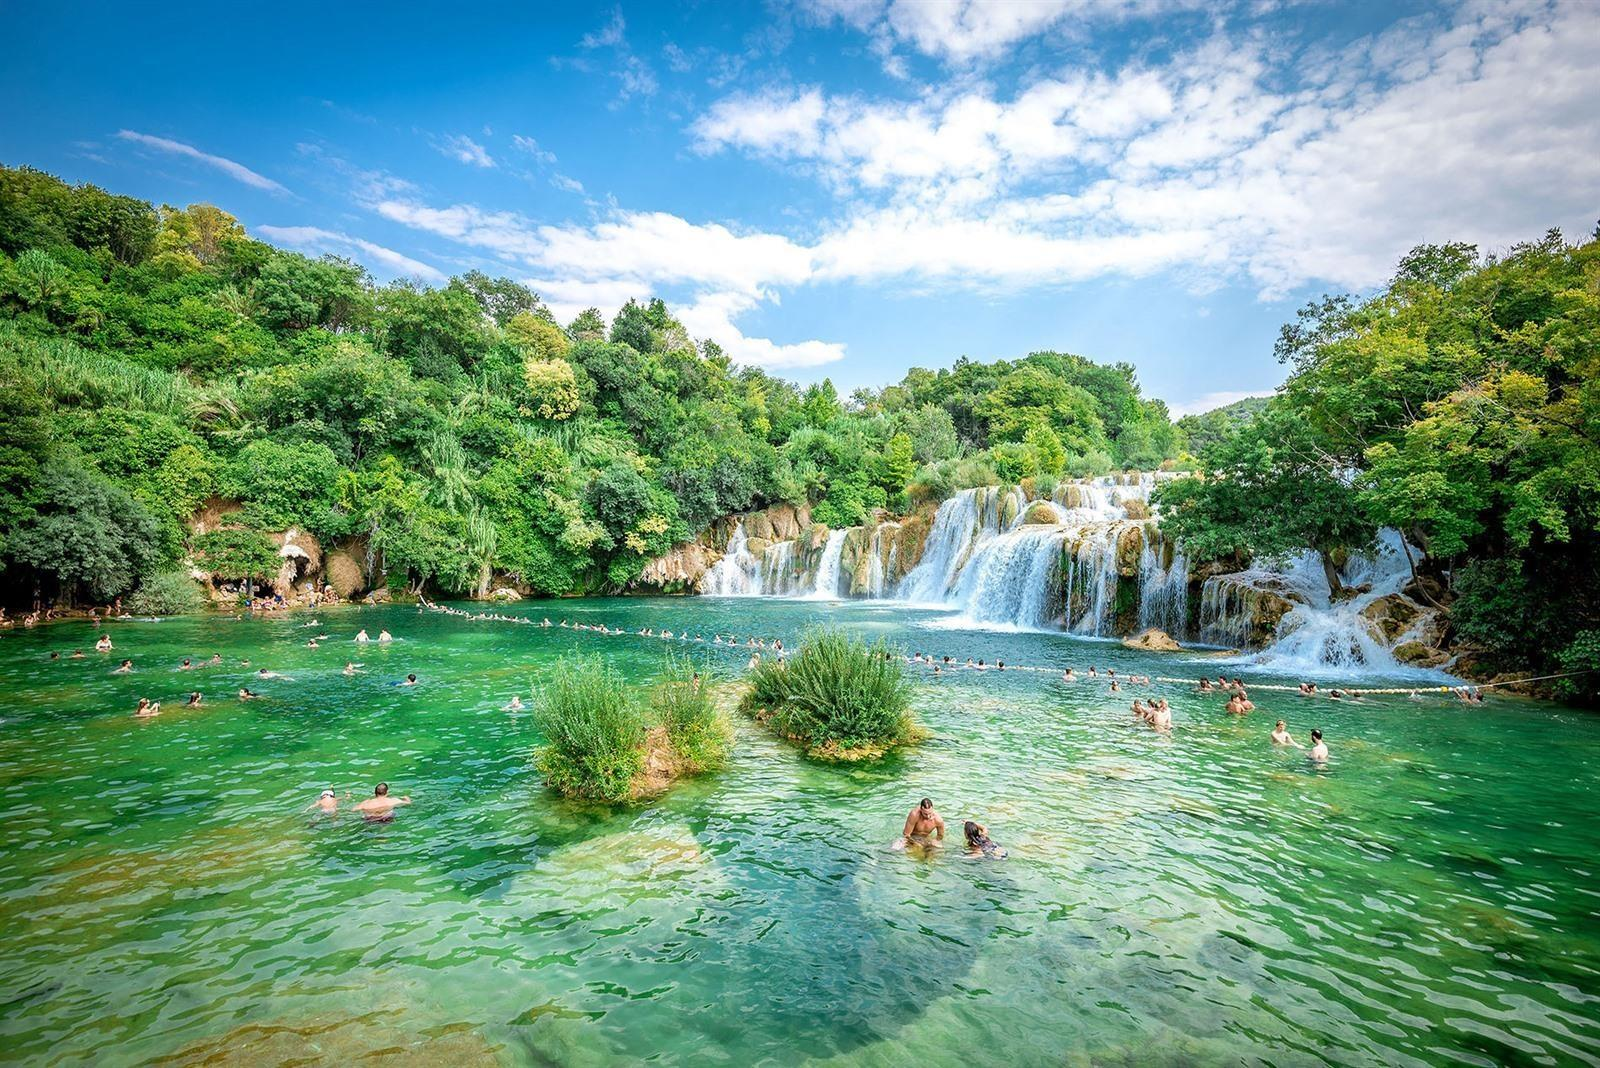 c22f89c2eae Vakantie in Kroatië met kinderen? Onze 11 leuke tips & ideetjes ...